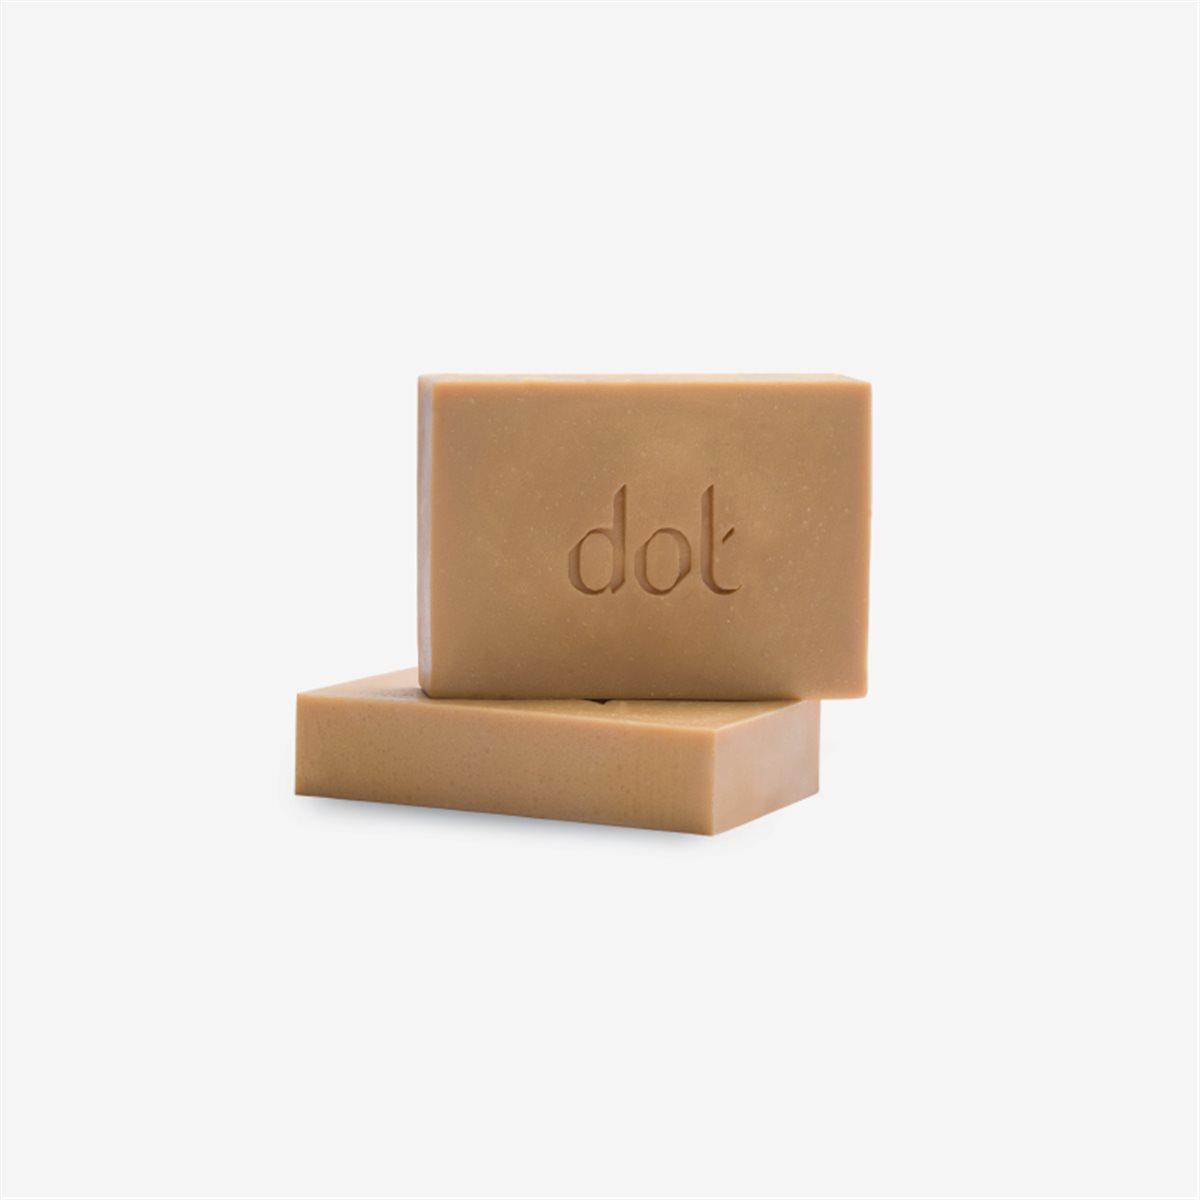 صابون آرگان دُت مناسب برای انواع پوست